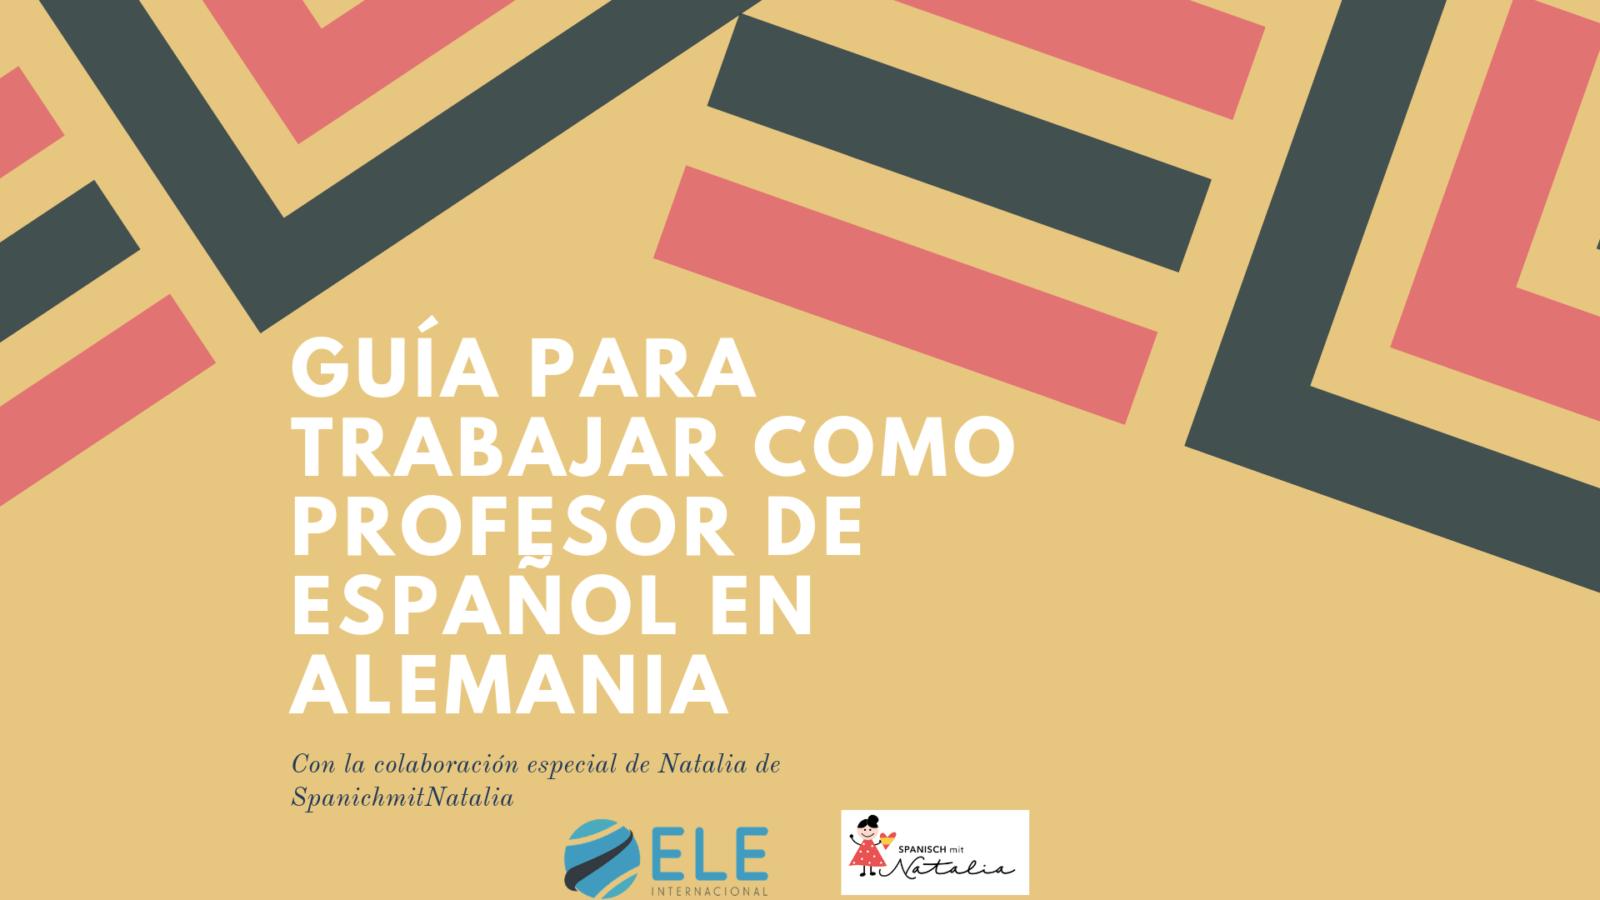 d6d9e6319fe6 Trabajar como profesor de español en Alemania - ELEInternacional